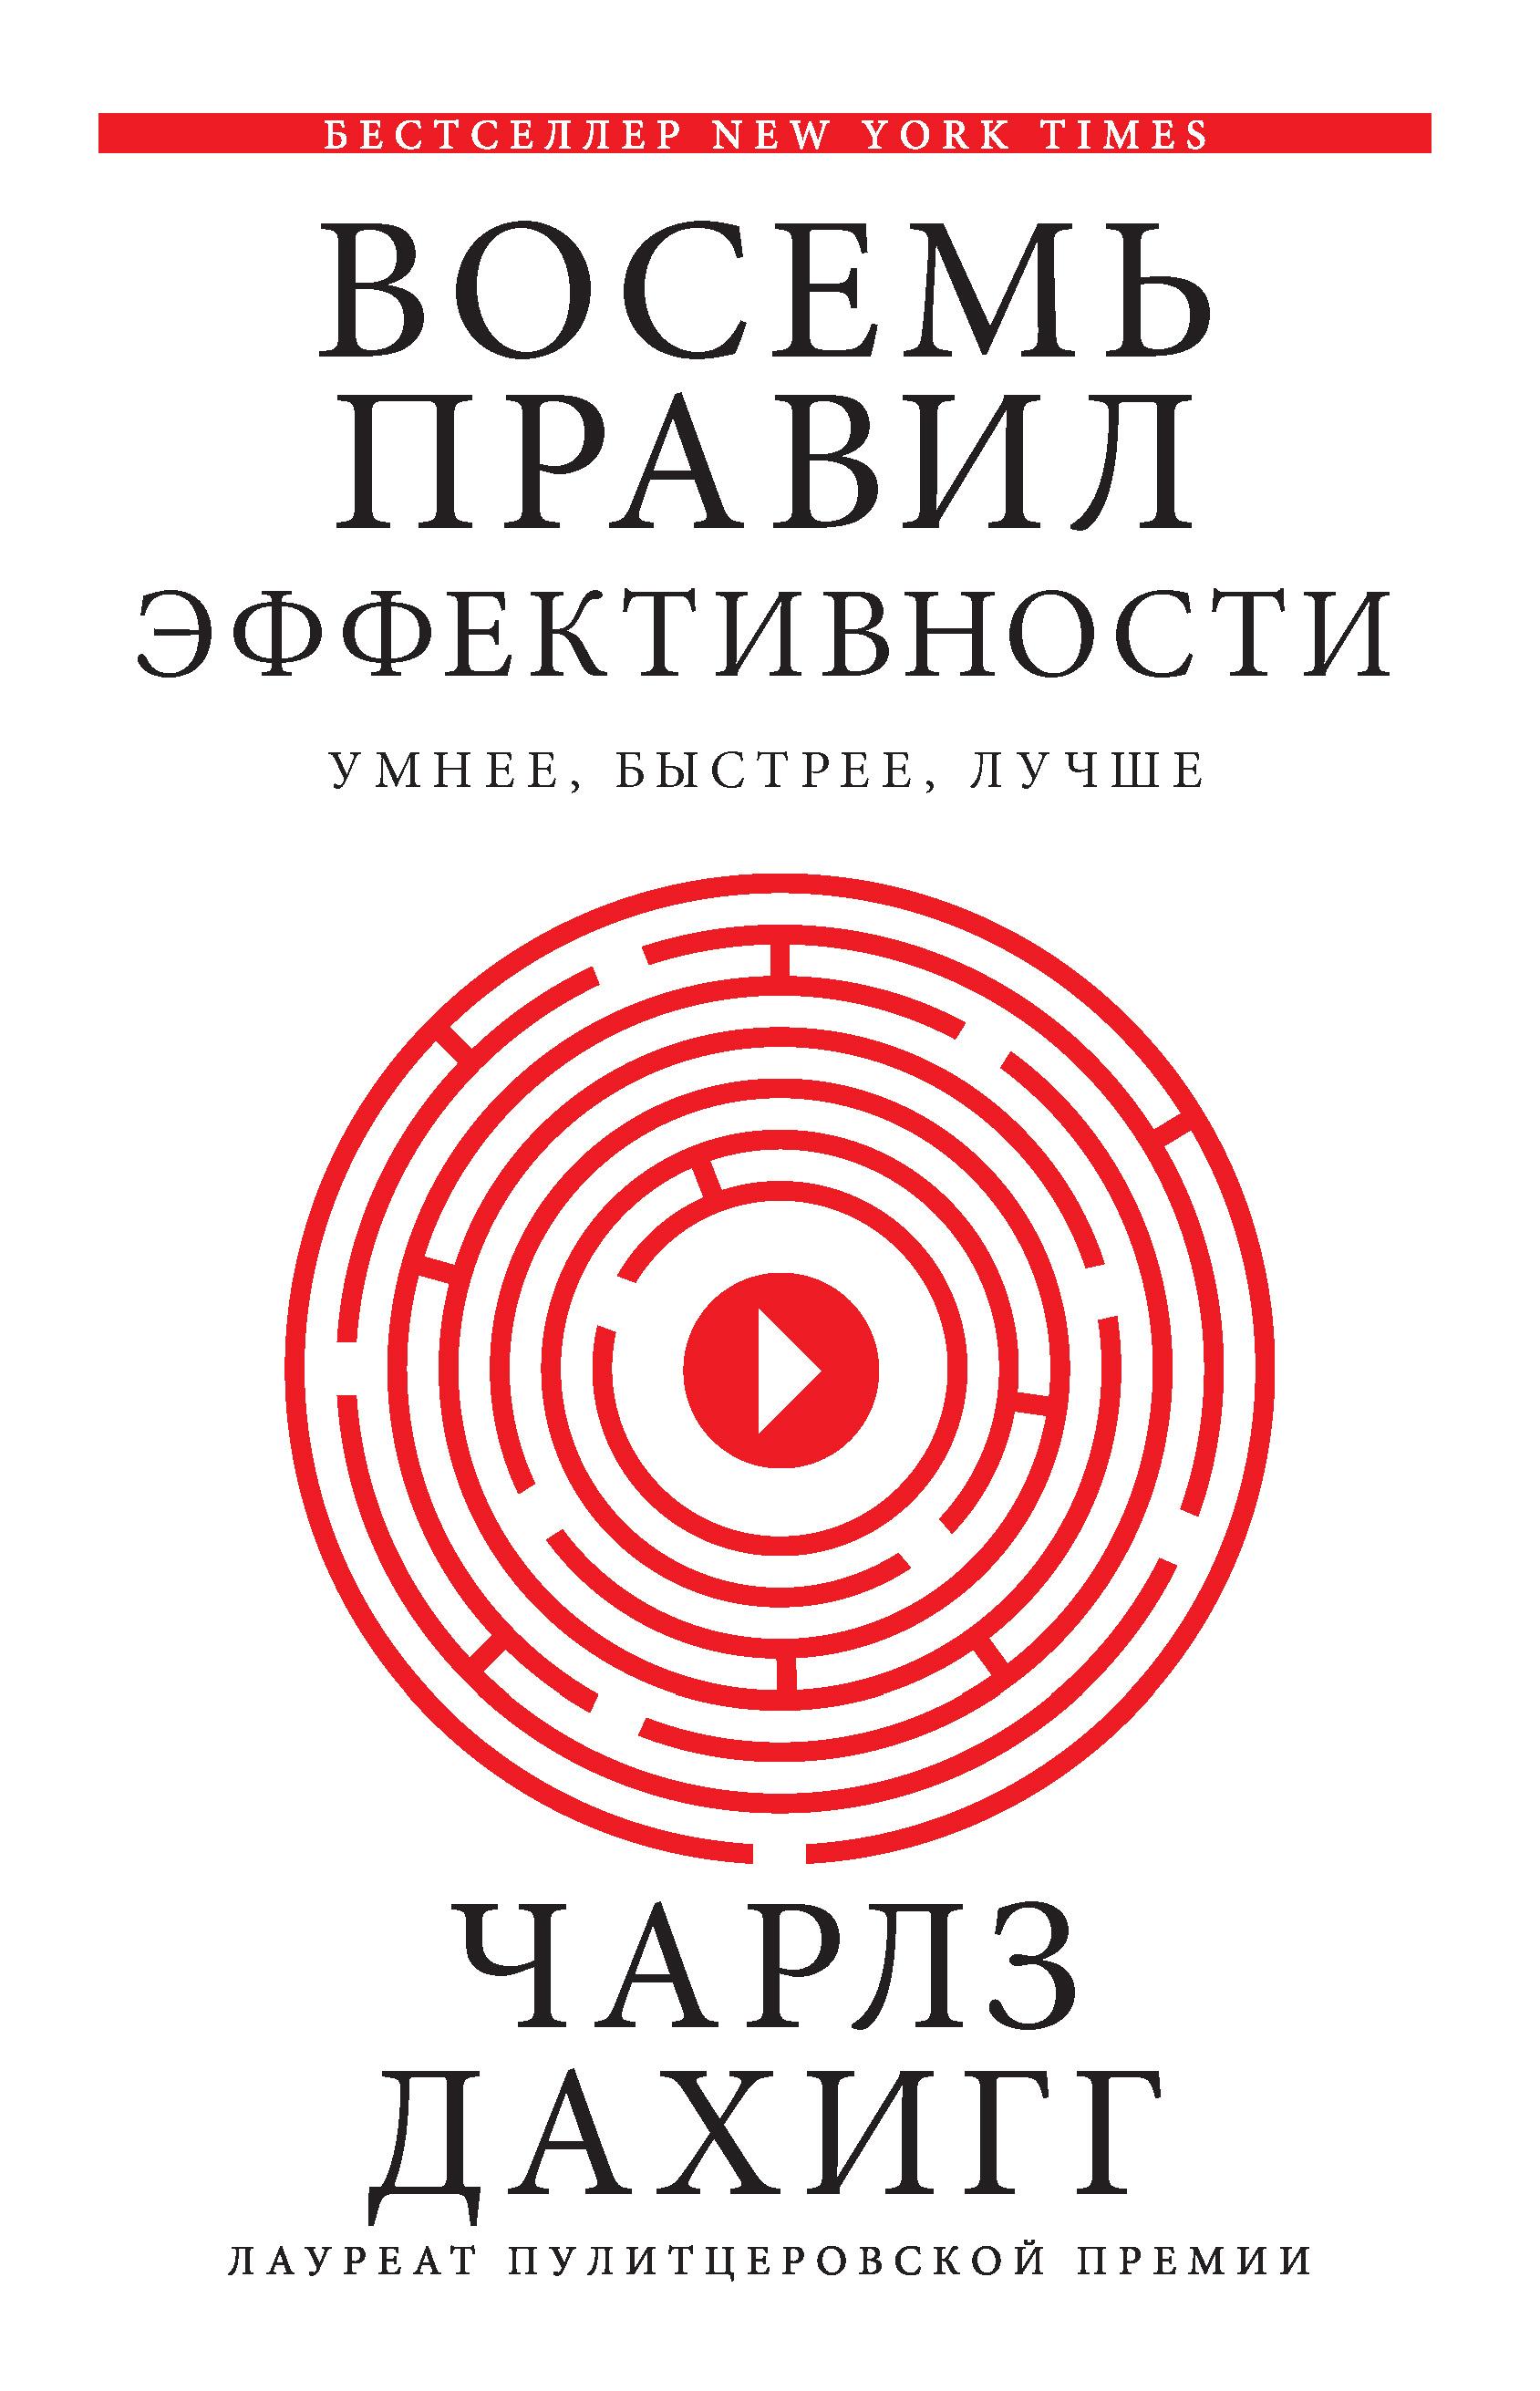 Чарлз Дахигг - Восемь правил эффективности: умнее, быстрее, лучше. Секреты продуктивности в жизни и бизнесе